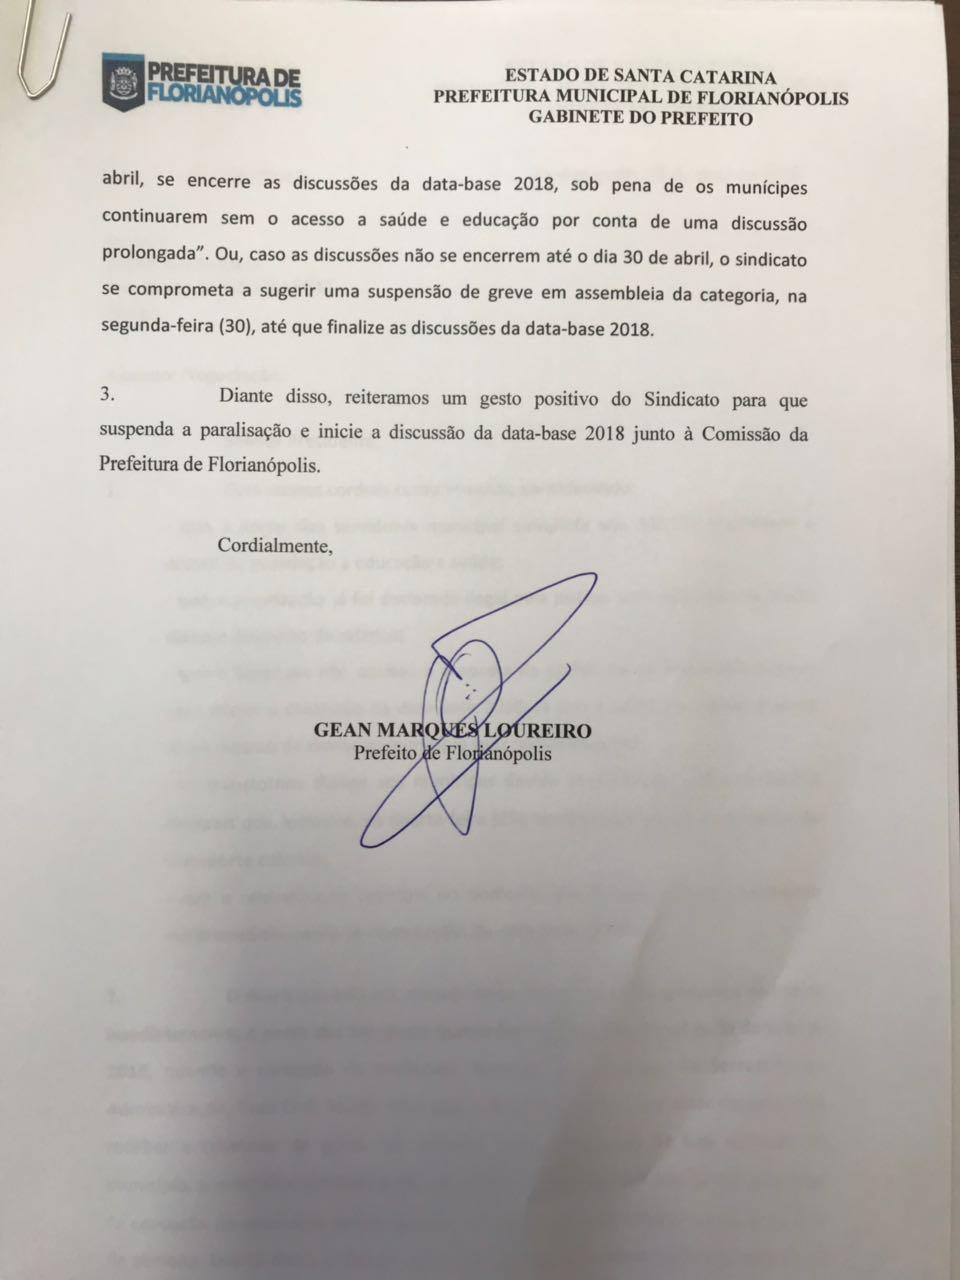 Negociações da data-base 2018 estão condicionadas ao fim da greve - PMF/Divulgação